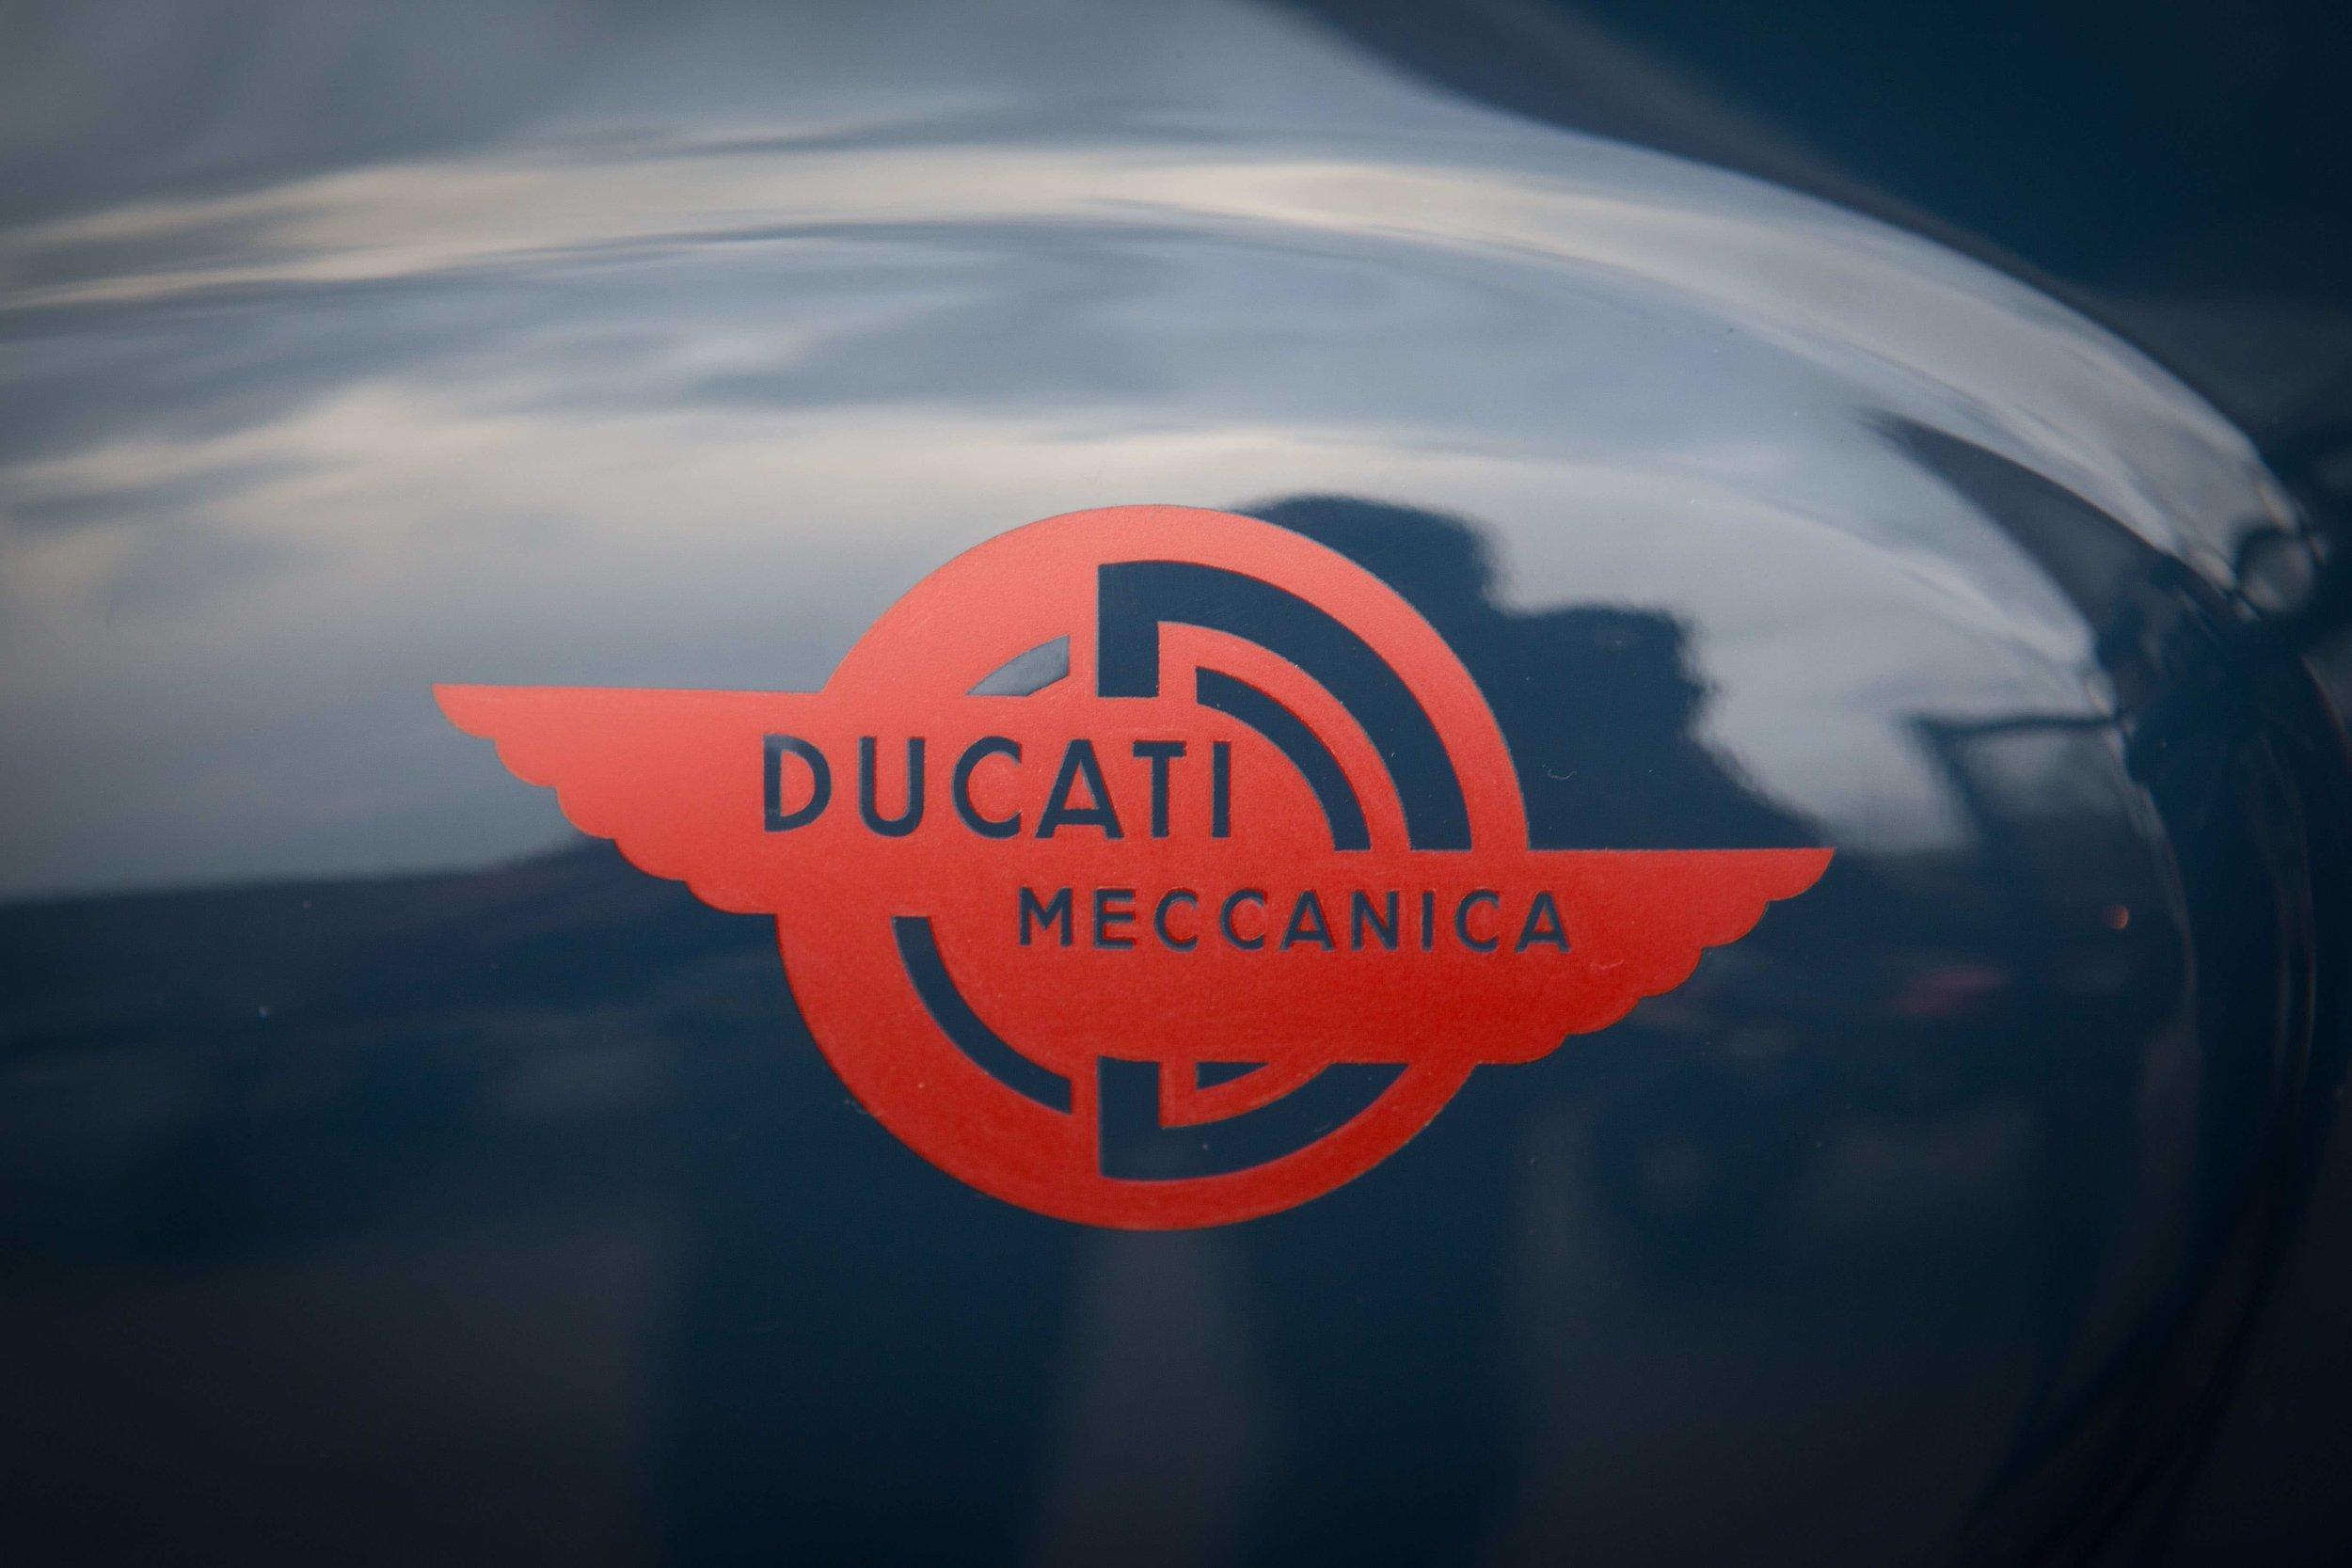 DUCATI-10.jpg